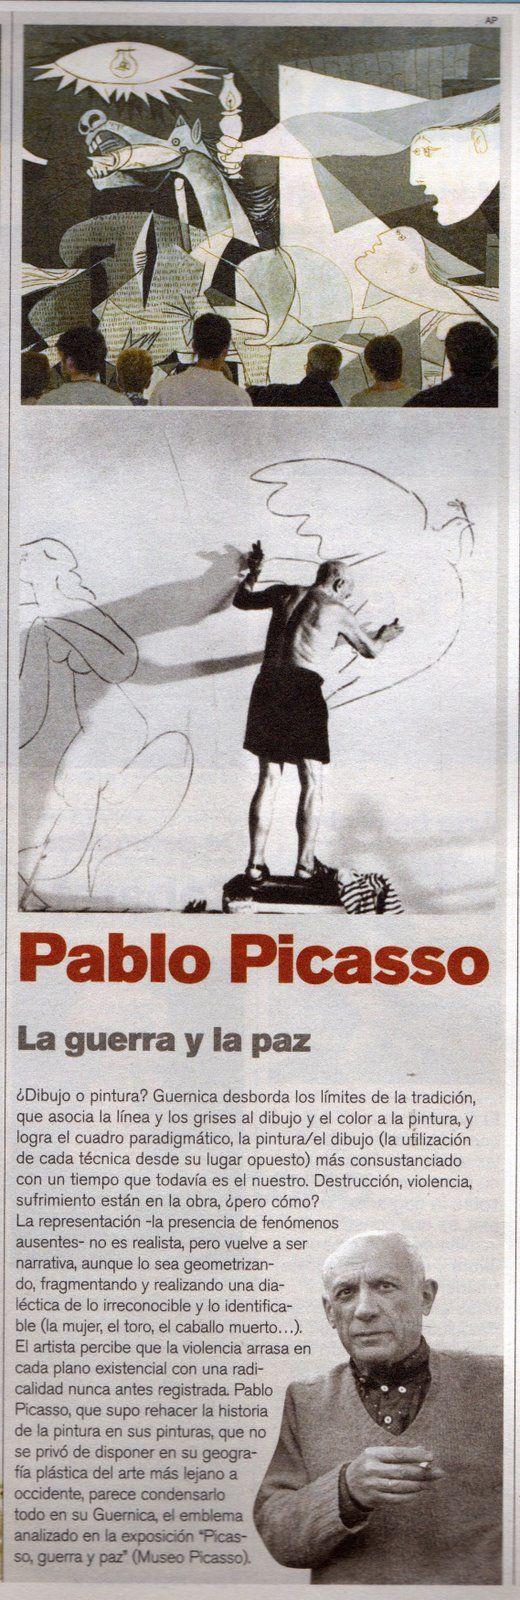 Pablo Picasso _ La guerra y la paz #Guernica